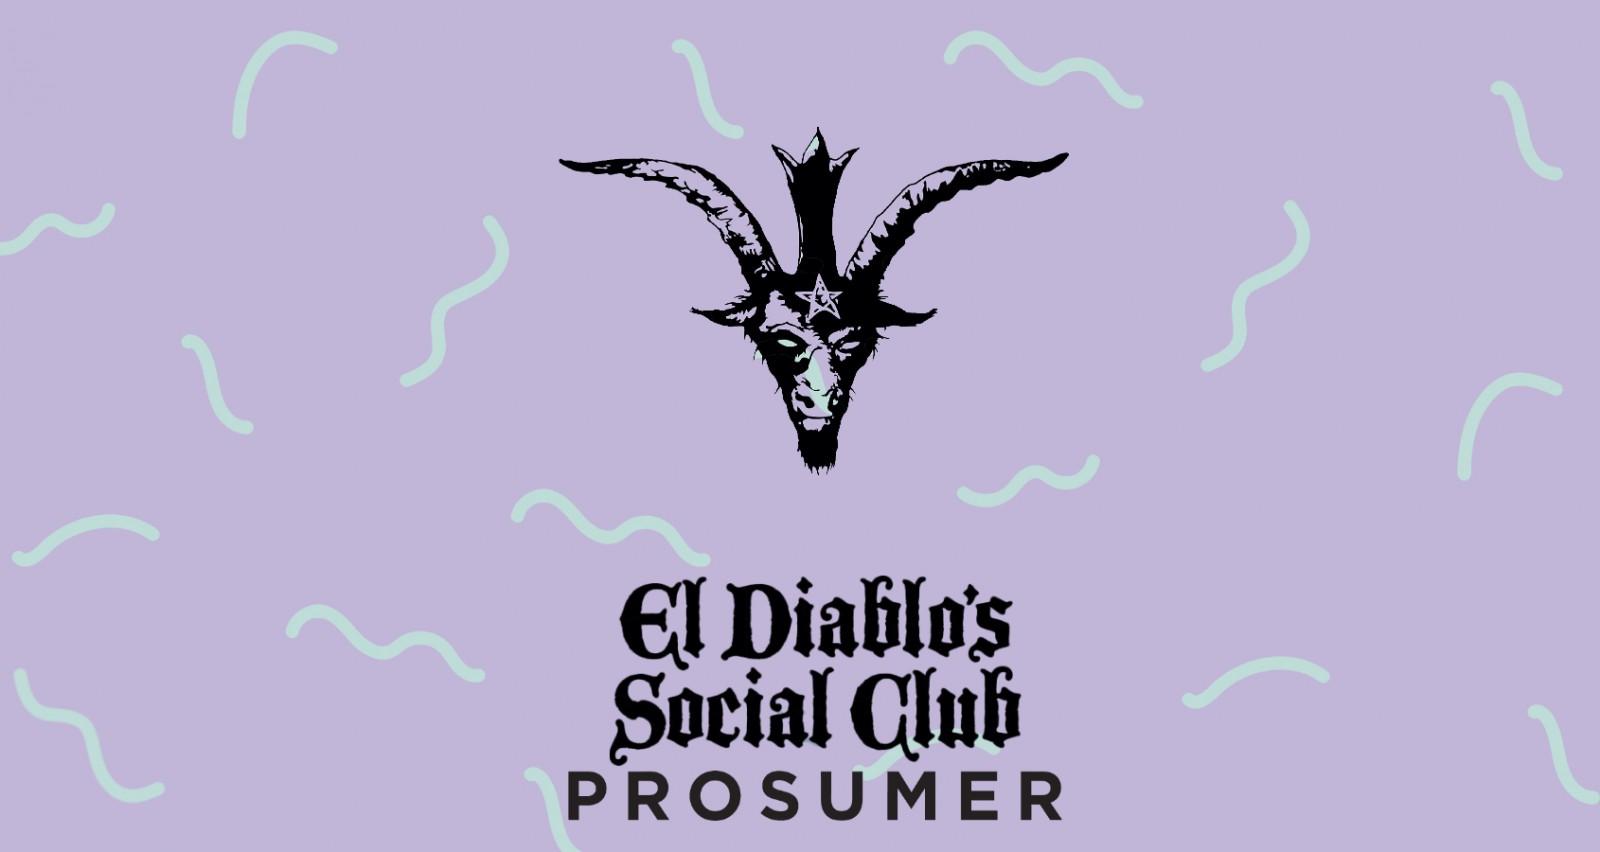 El Diablo's Social Club presents Prosumer